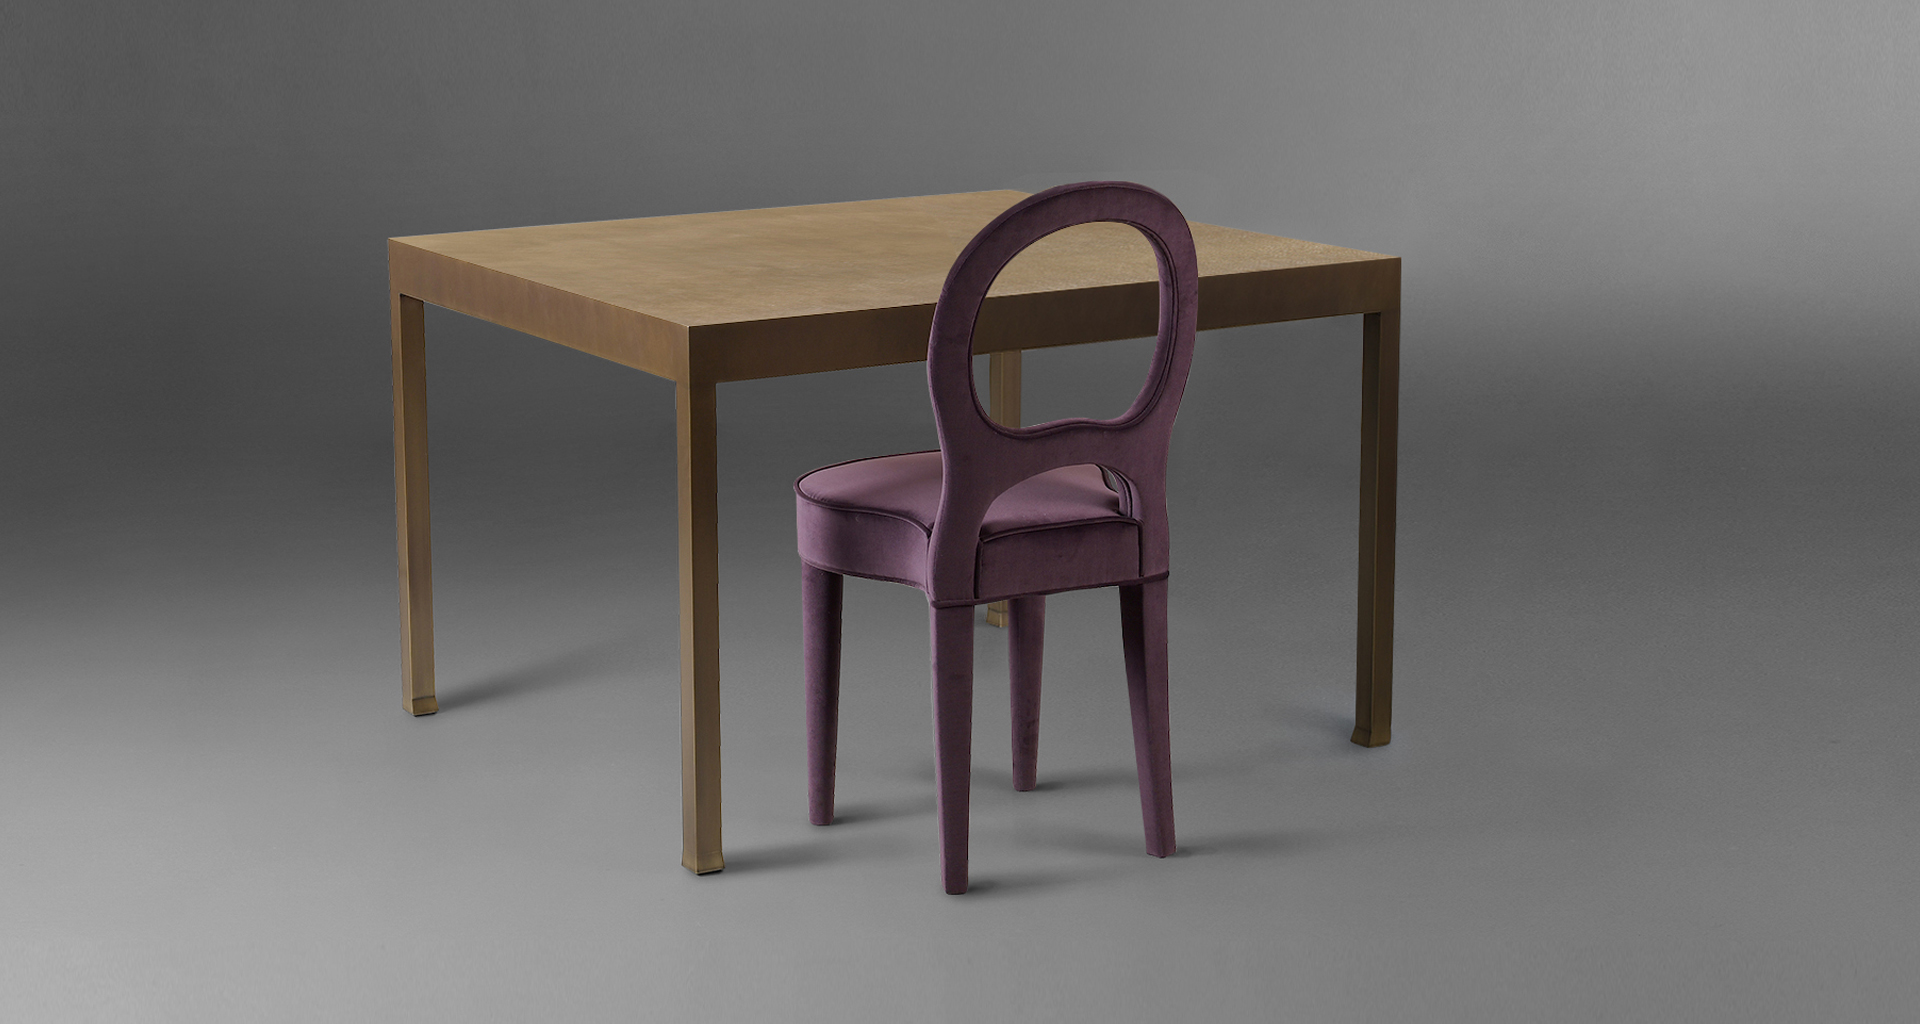 Promemoria gong tavolo da pranzo in bronzo e vetro - Promemoria mobili ...